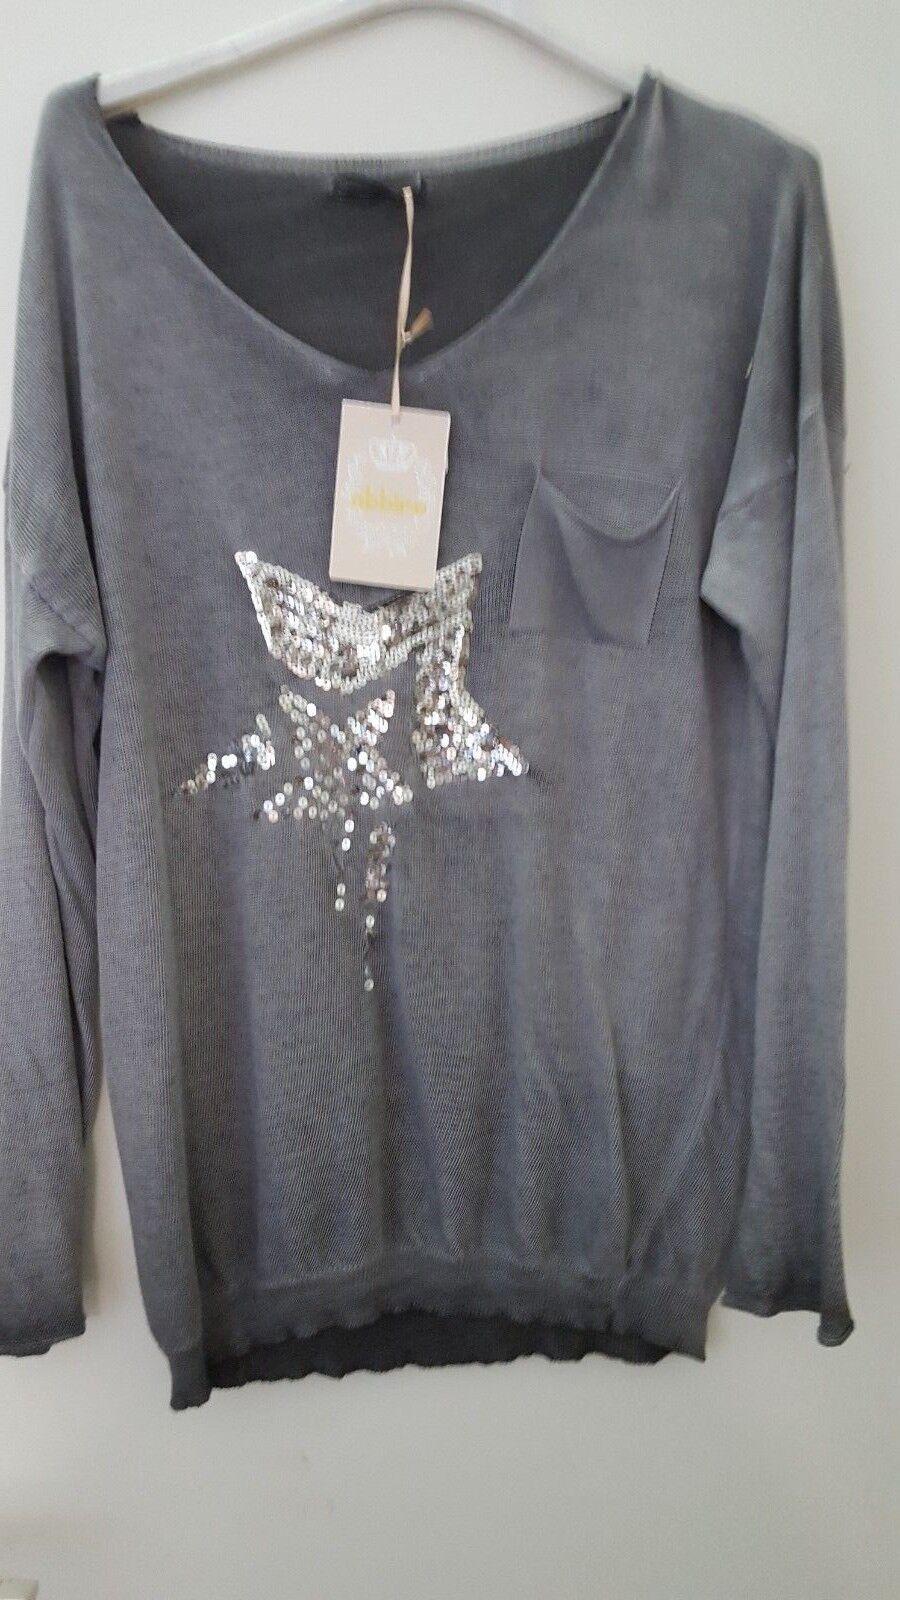 ITALY Style Shirt Maglione Manica Lunga Pullover Grigio Stella taglia unica 34, 36, 38, 40